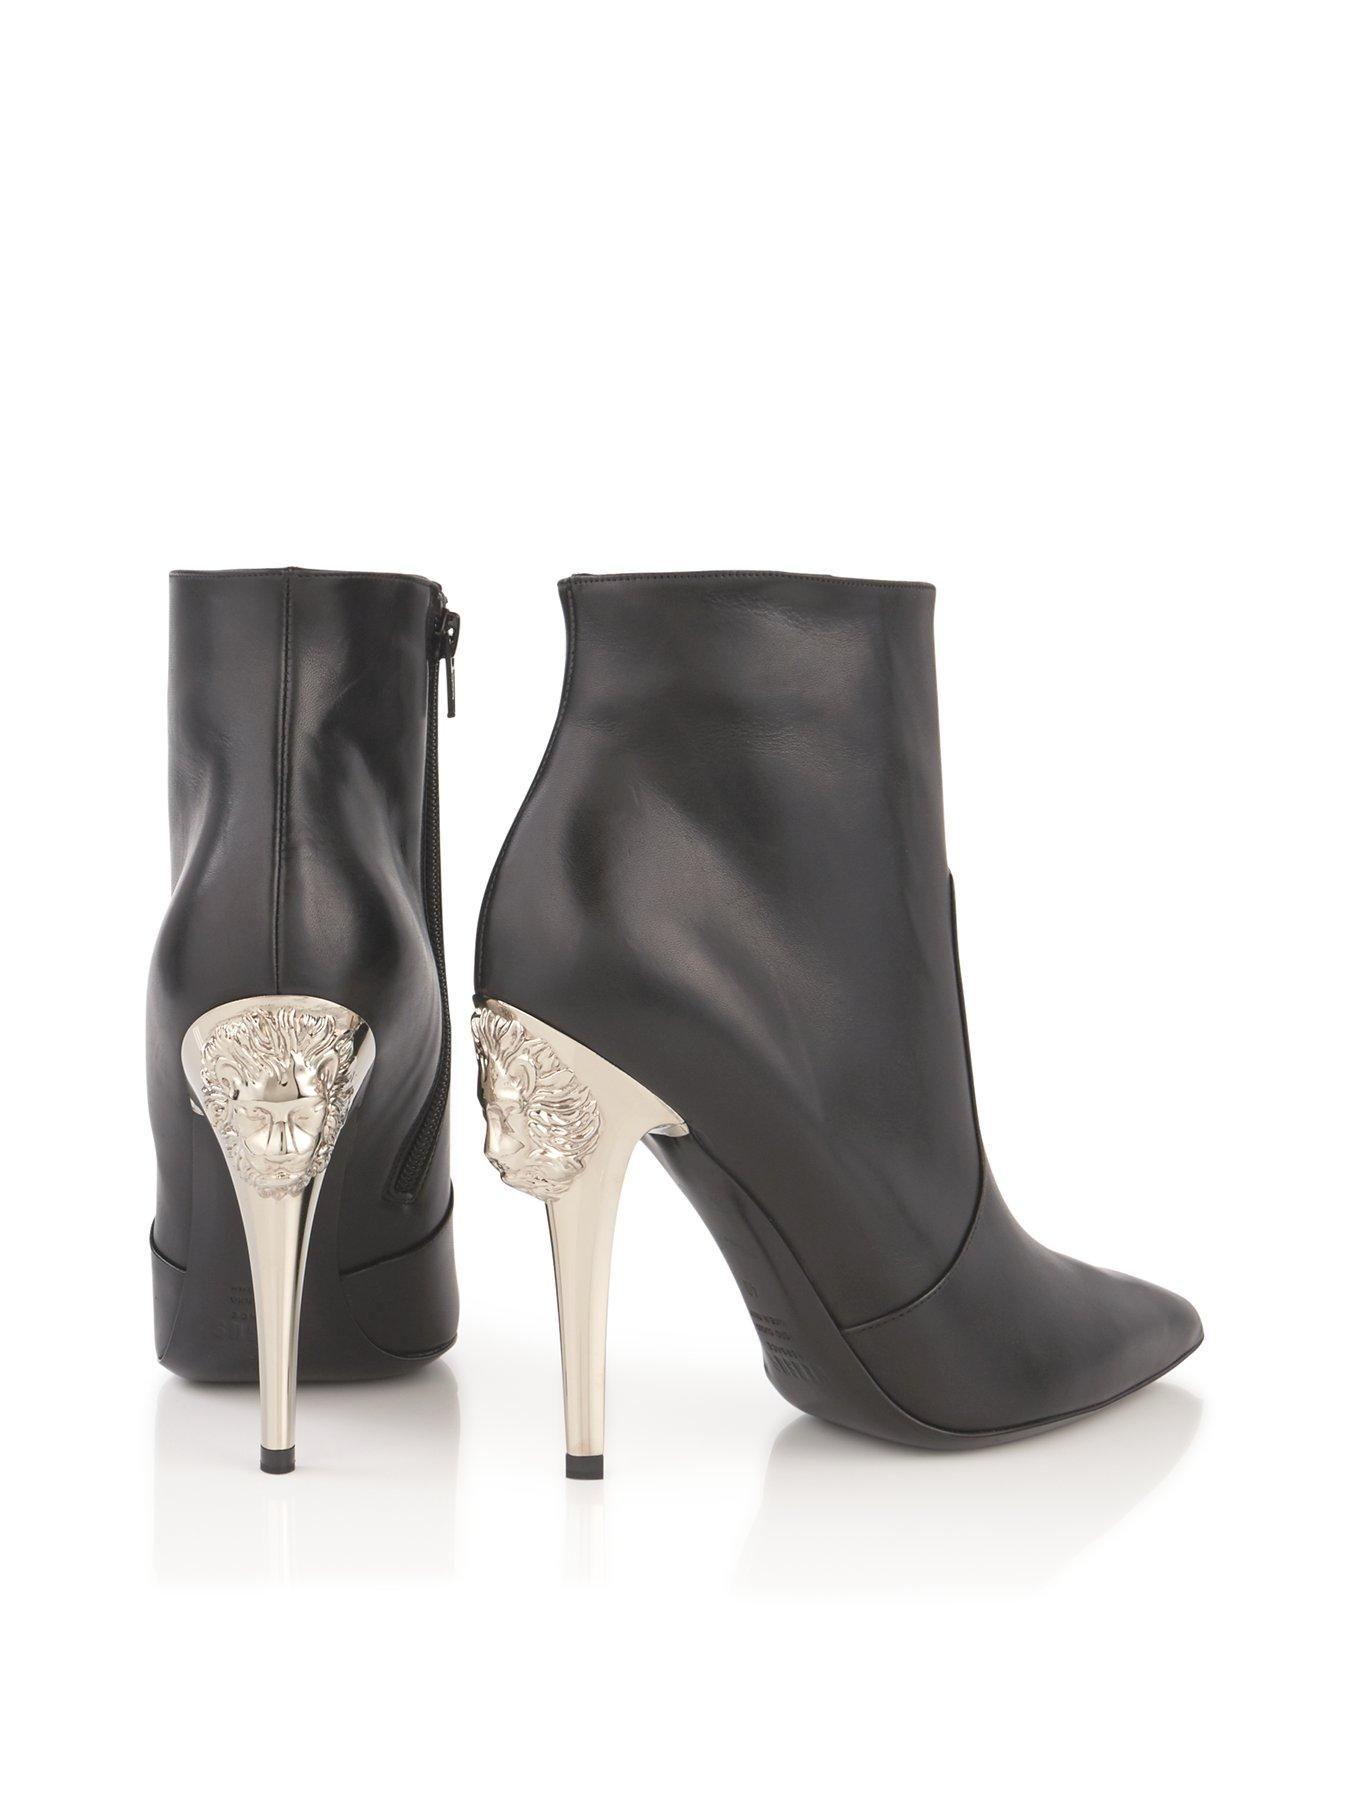 4e6e8f3b23b VERSUS VERSACE High Heel Ankle Boot - Black A little bit rock and roll